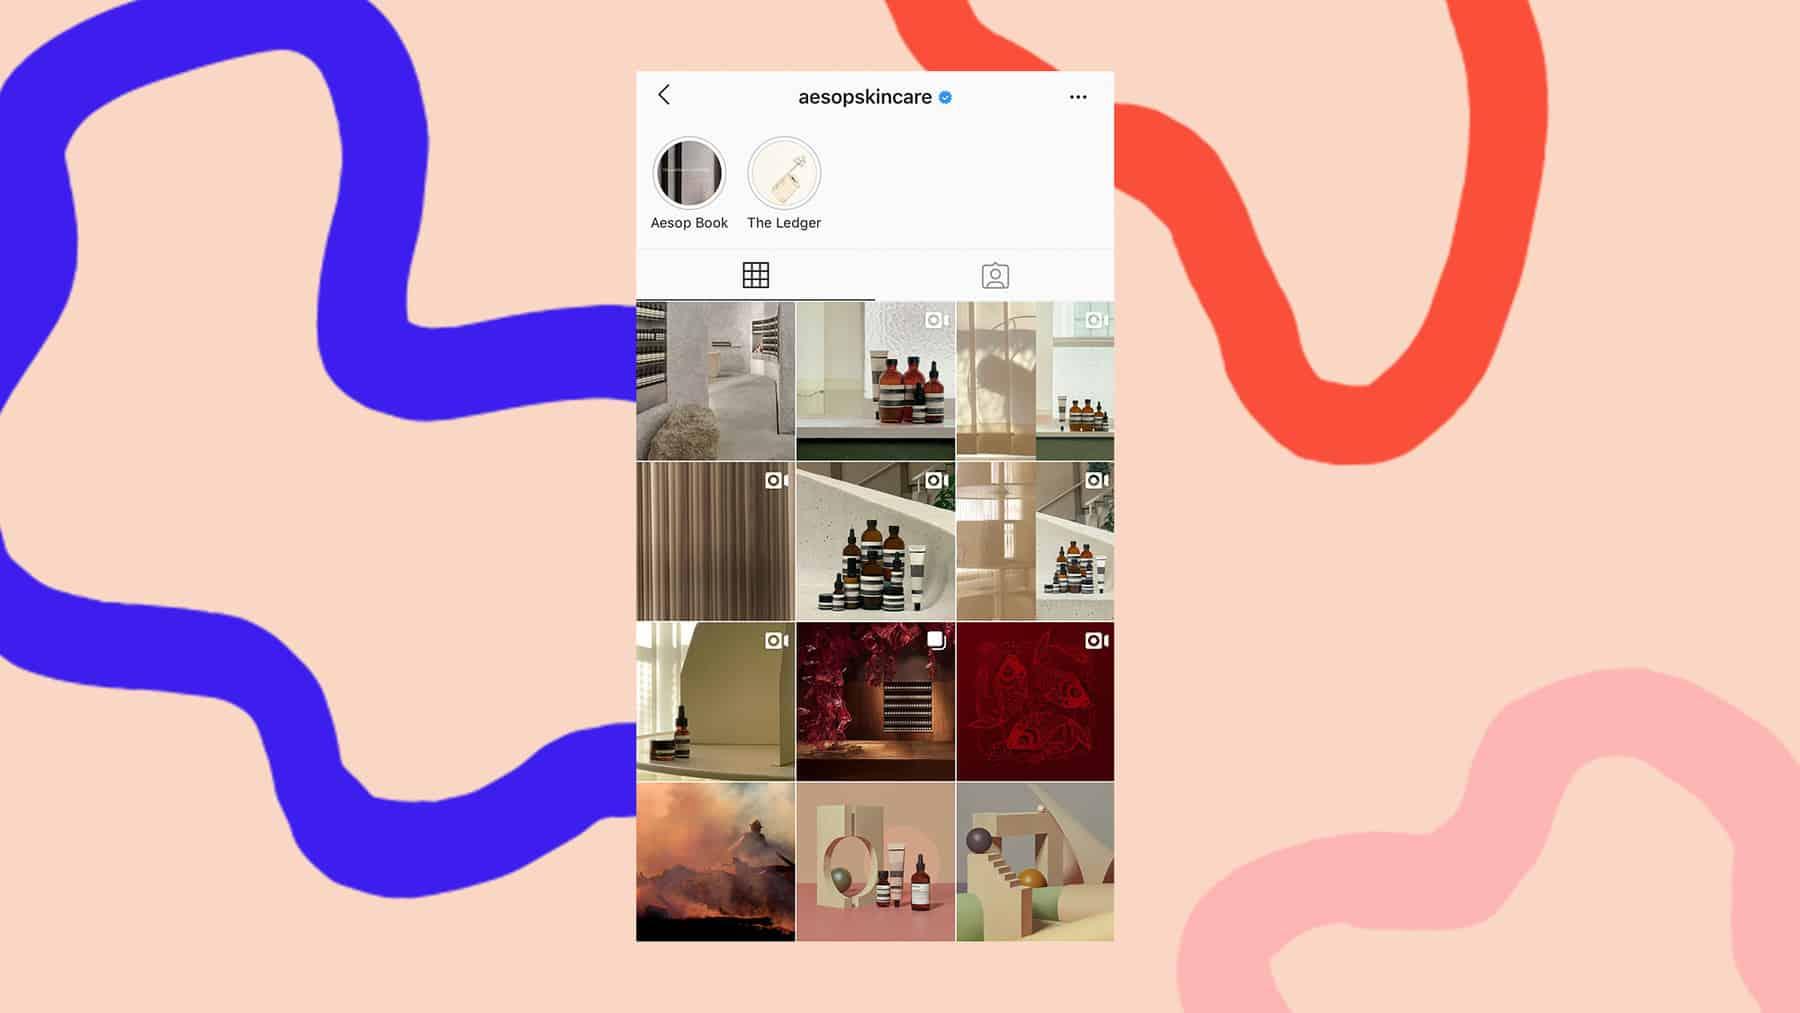 Aesop Skincare Instagram grid